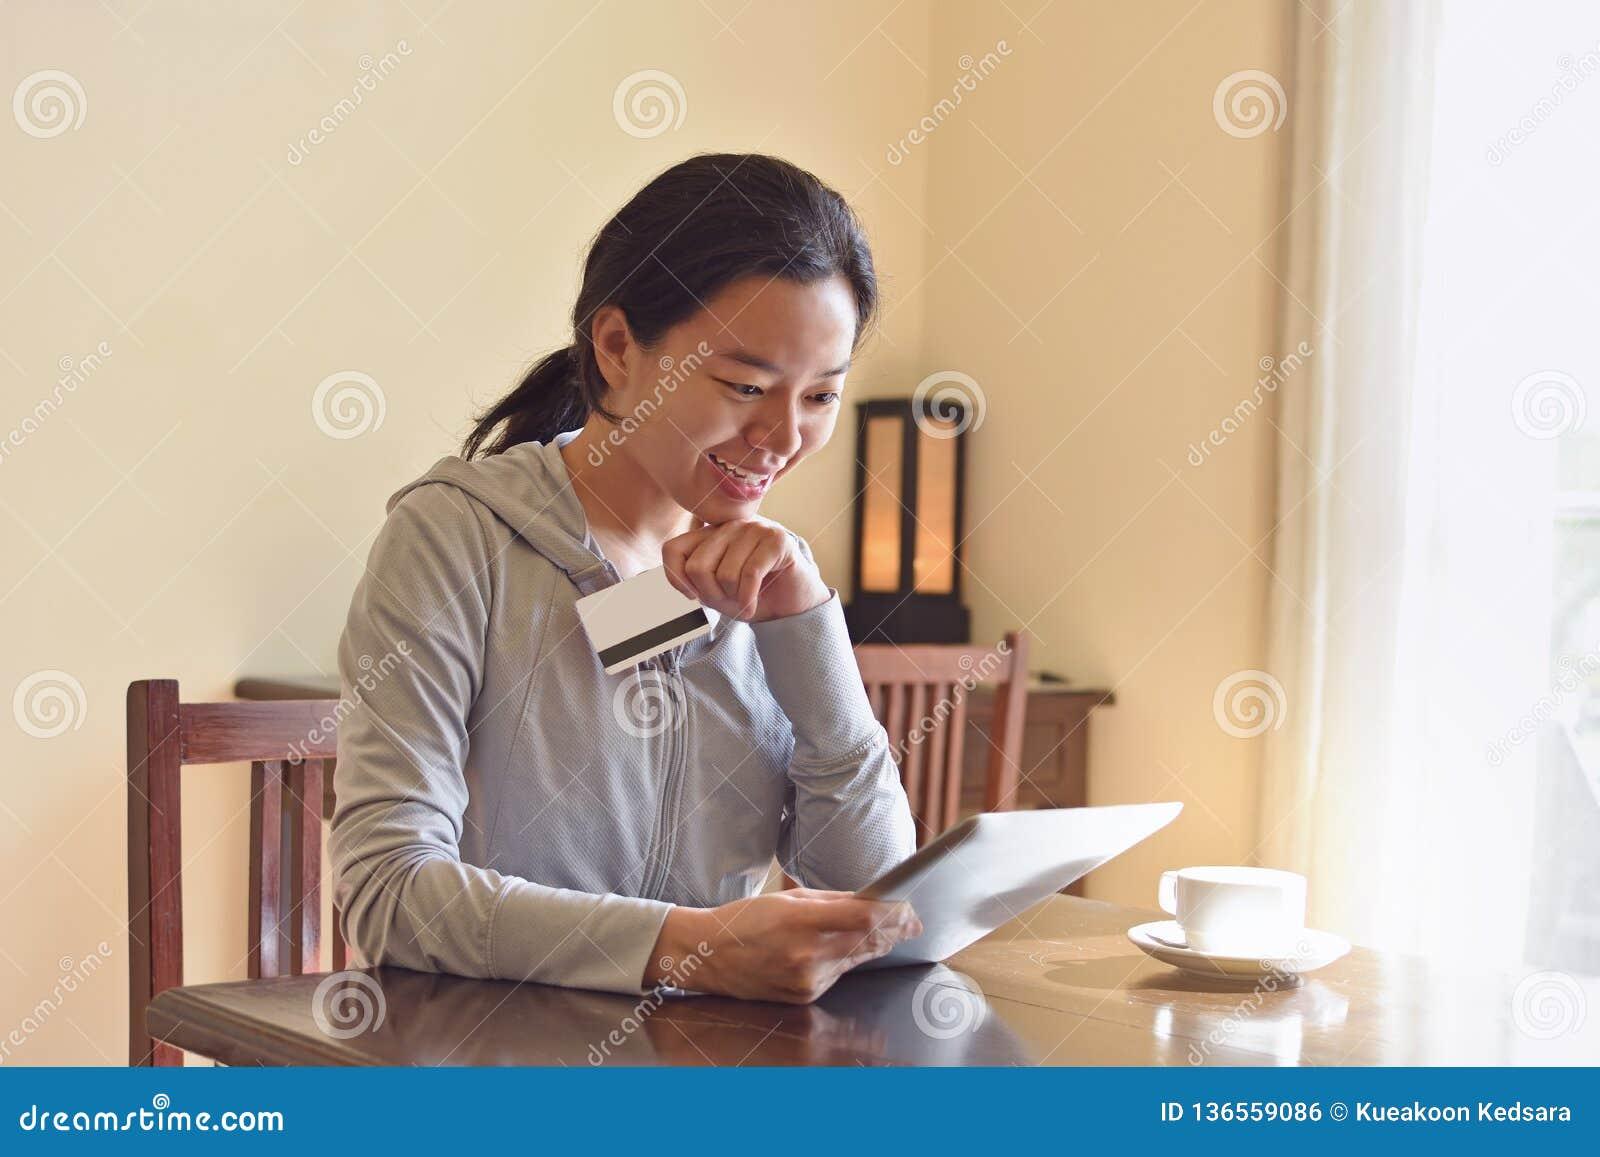 Ευτυχής γυναίκα κατά τη διάρκεια on-line να ψωνίσει στο σπίτι